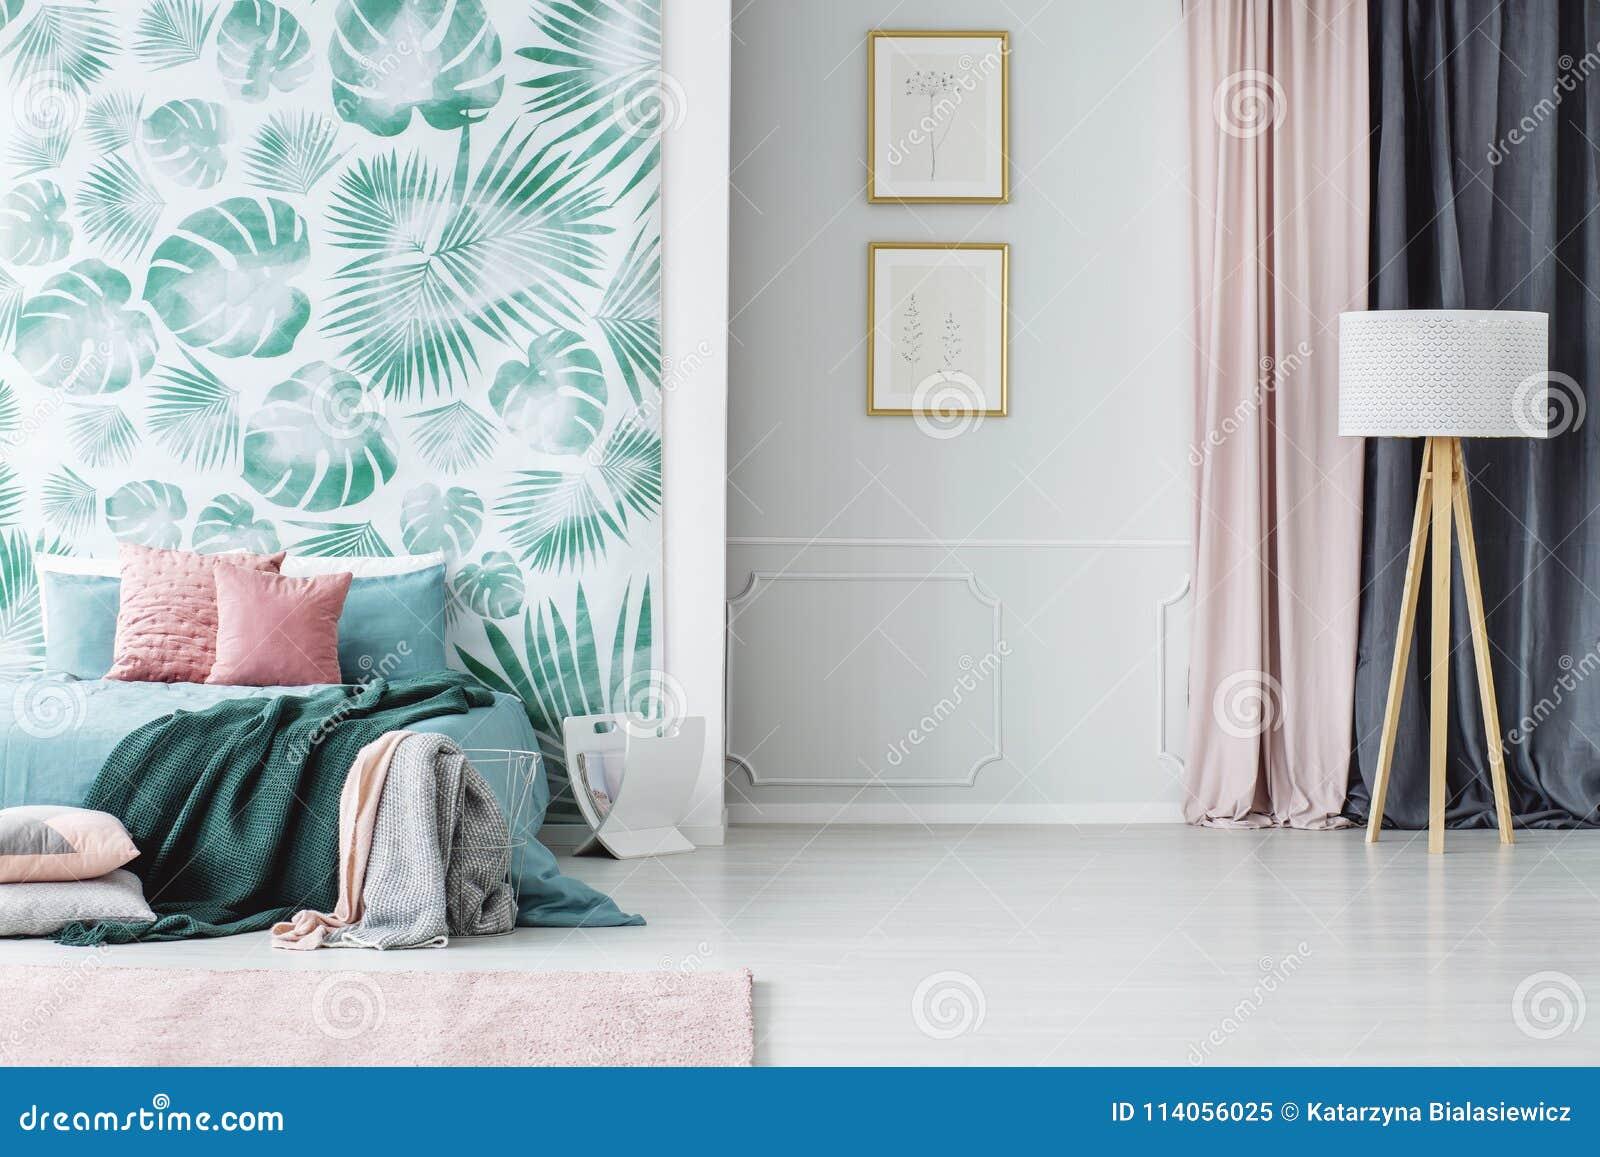 Slaapkamer Lamp Roze : Comfortabele groene en roze slaapkamer stock afbeelding afbeelding